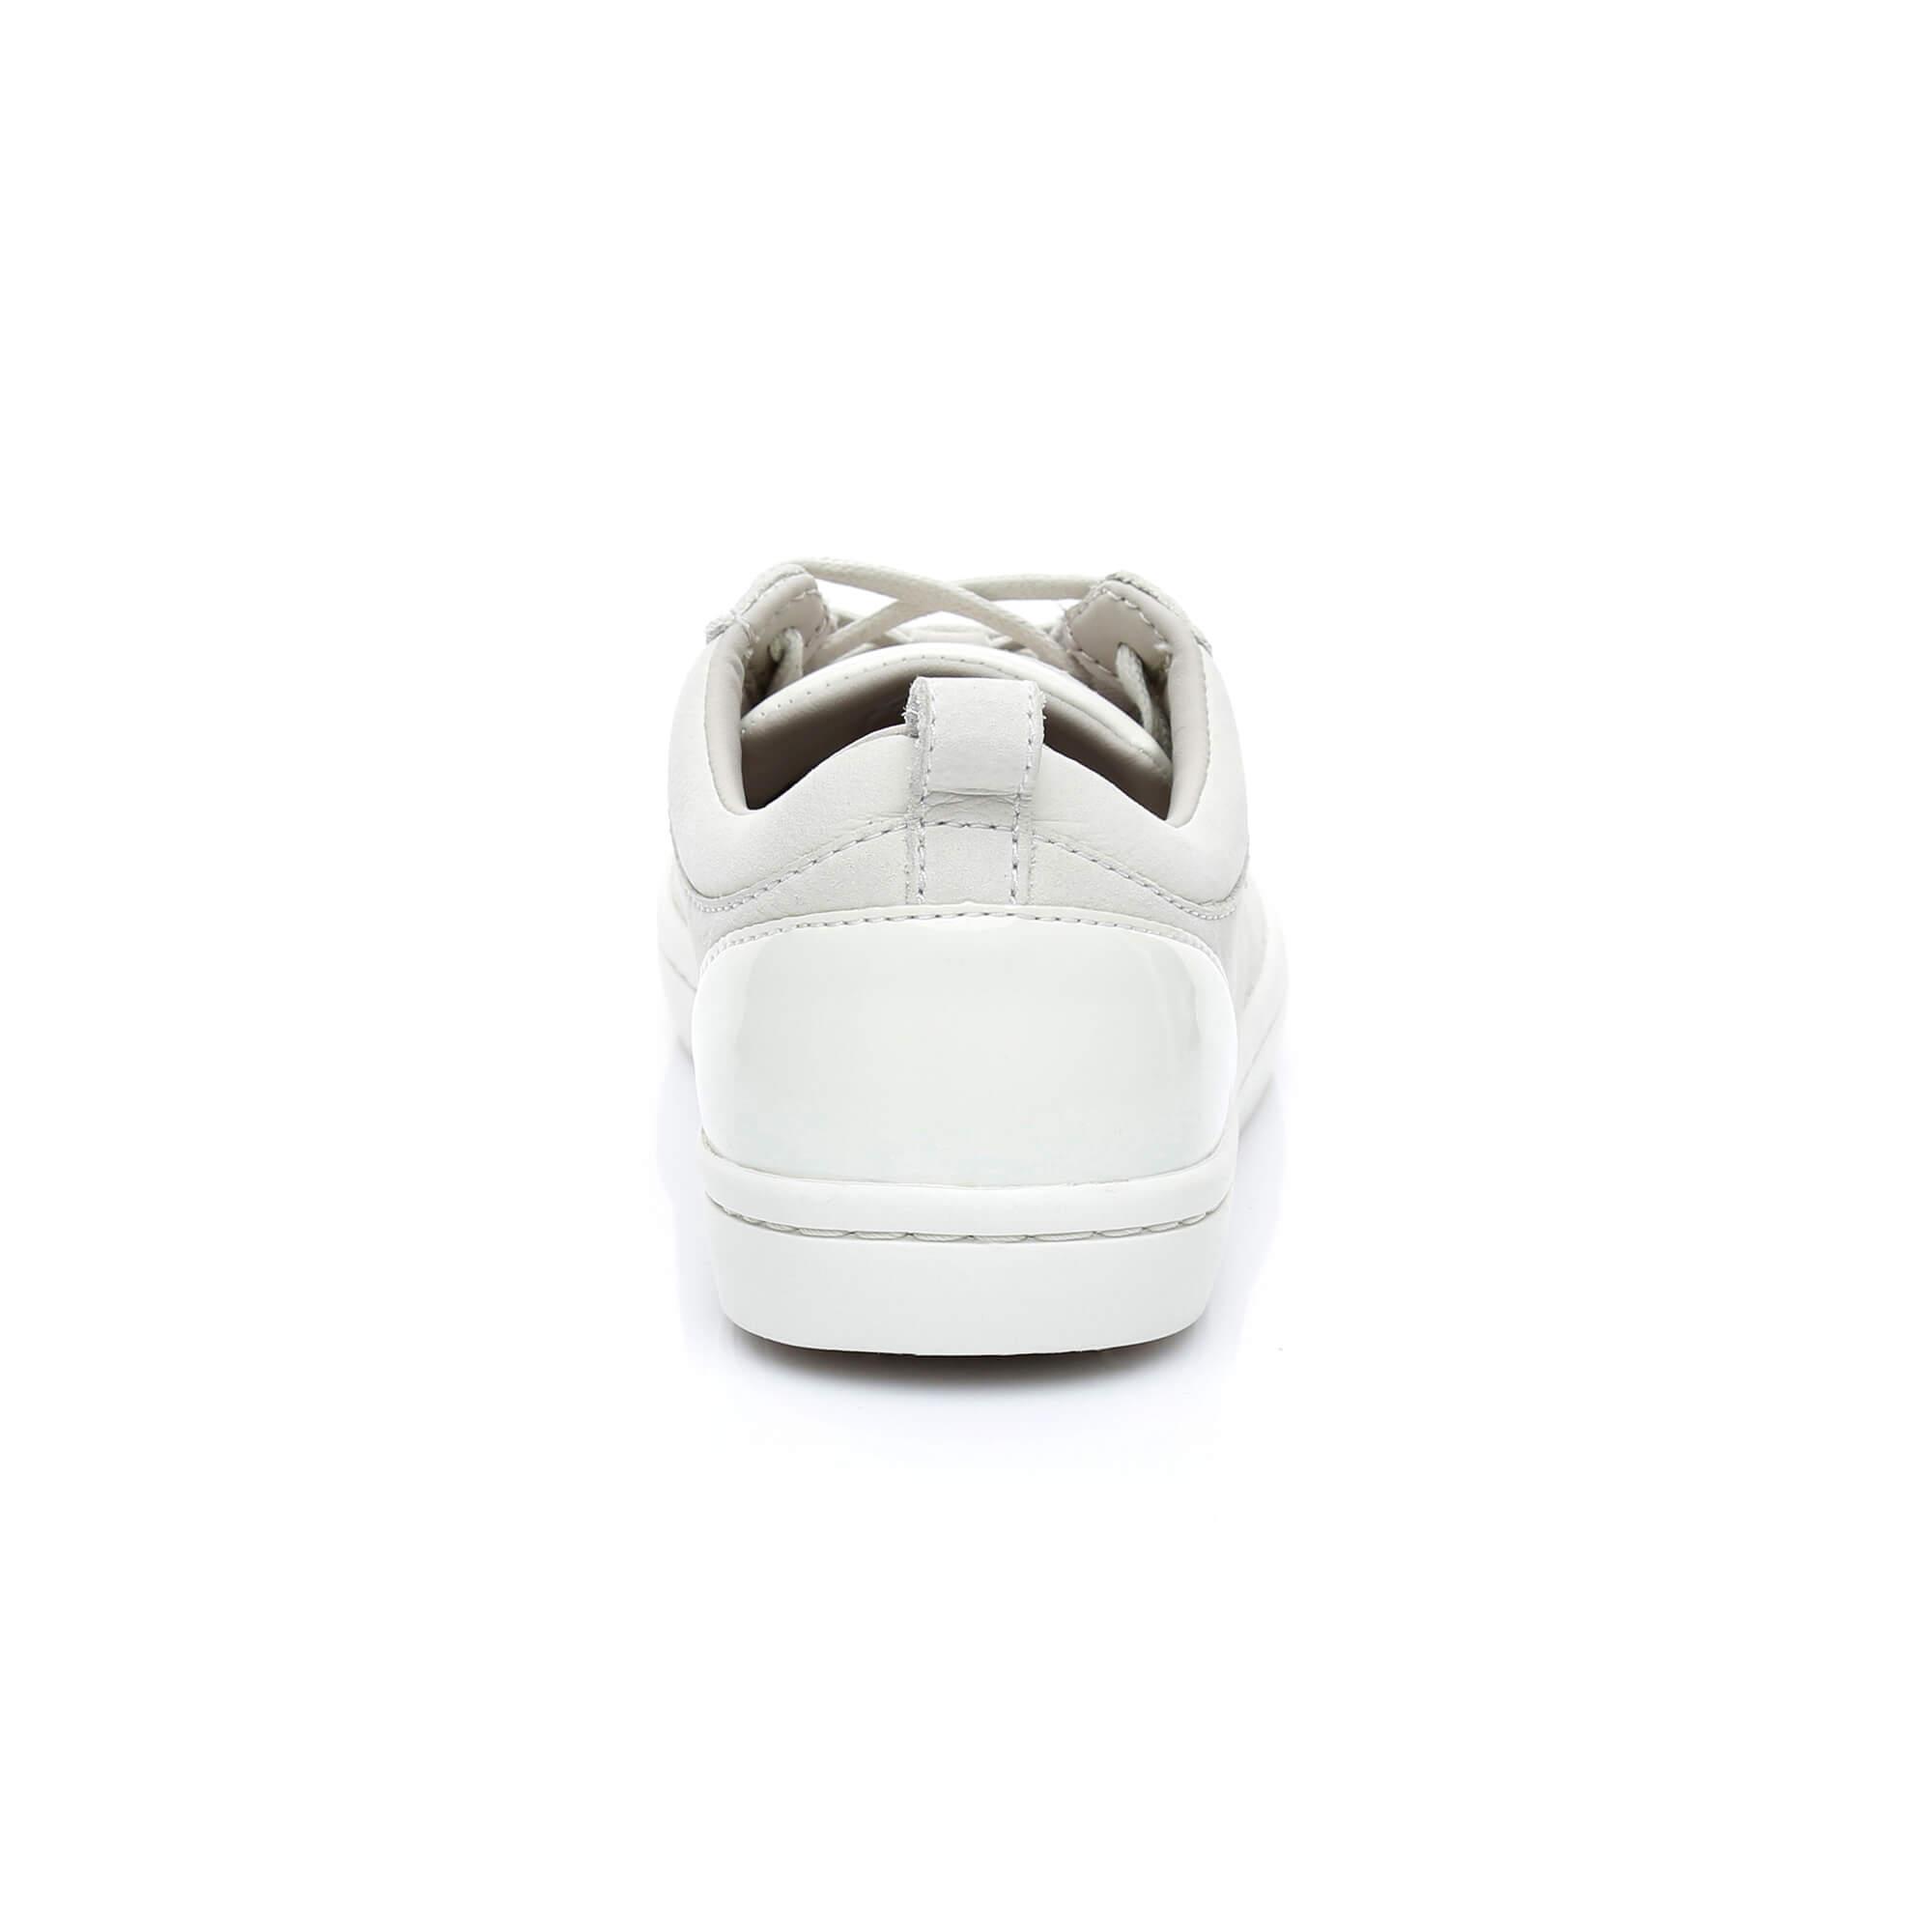 Lacoste Kadın Straightset 318 1 Bej Sneaker